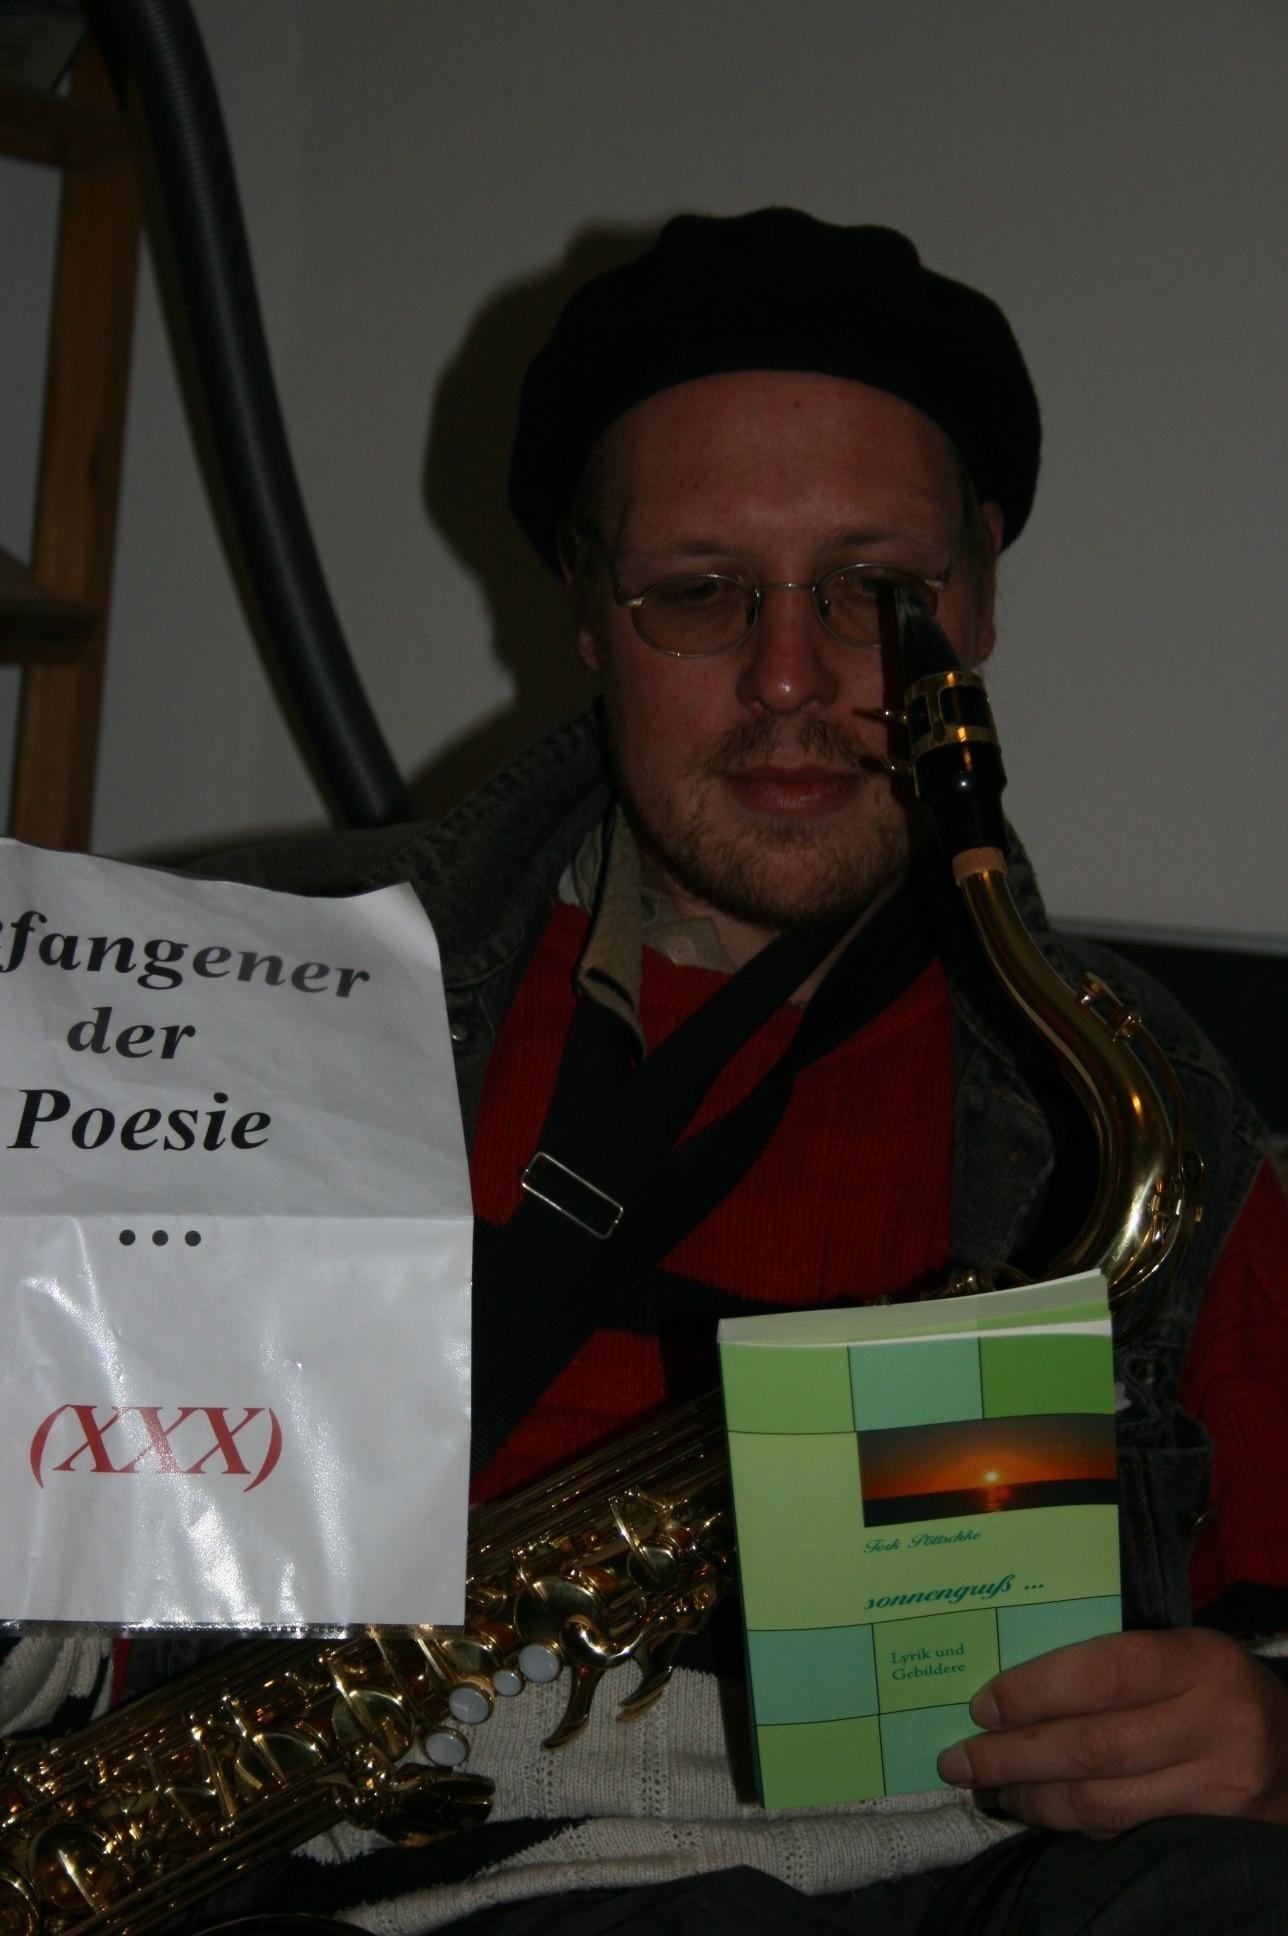 Musikalische Lesung des Dortmunder Künstlers und Journalisten Tork Pöttschke alias Christopher Dömges